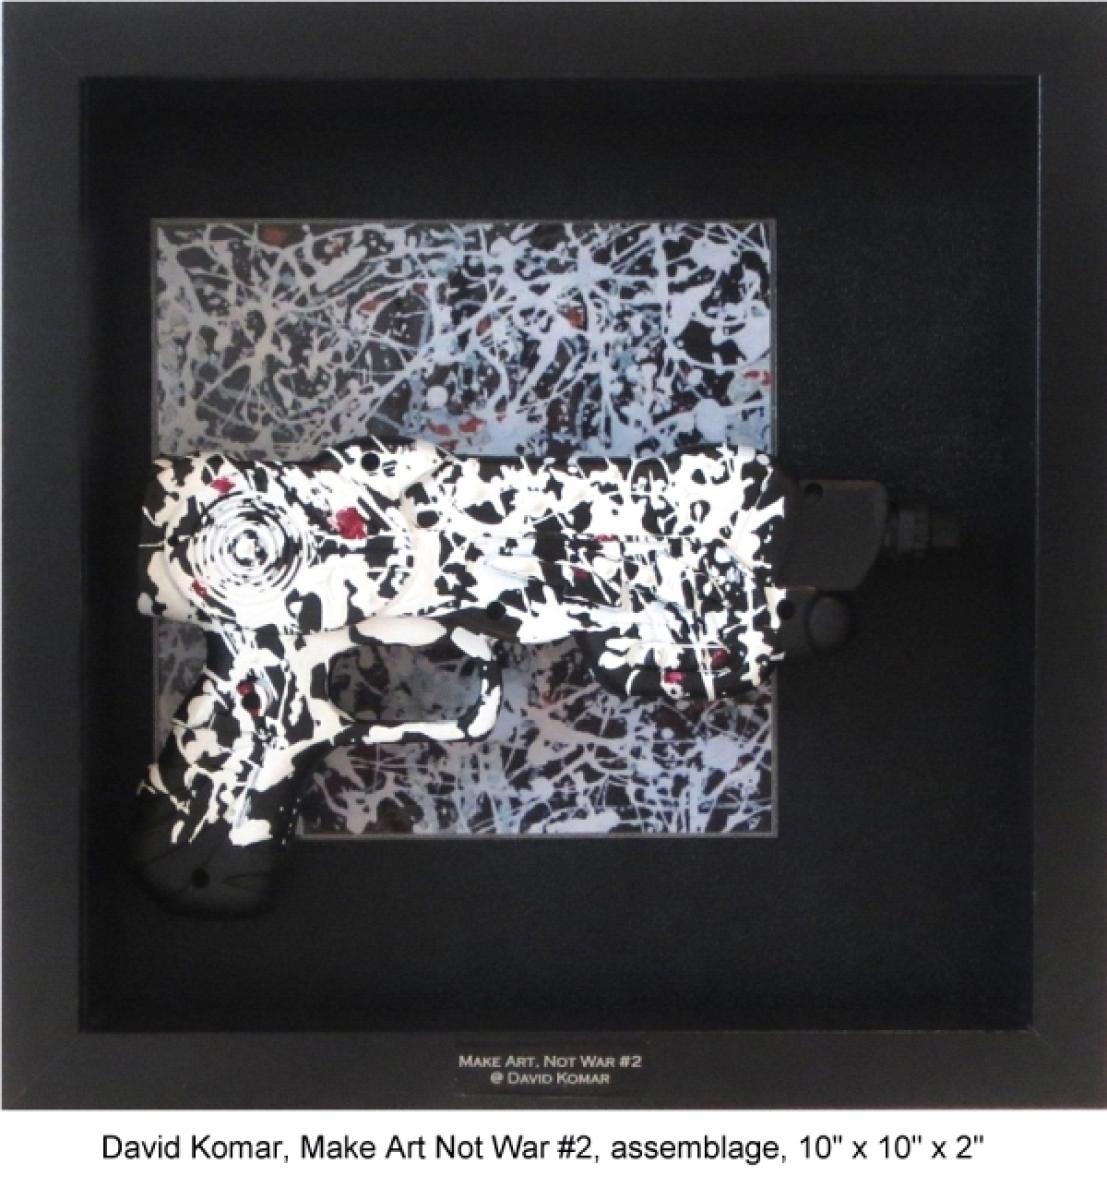 Make Art Not War #2 (large view)